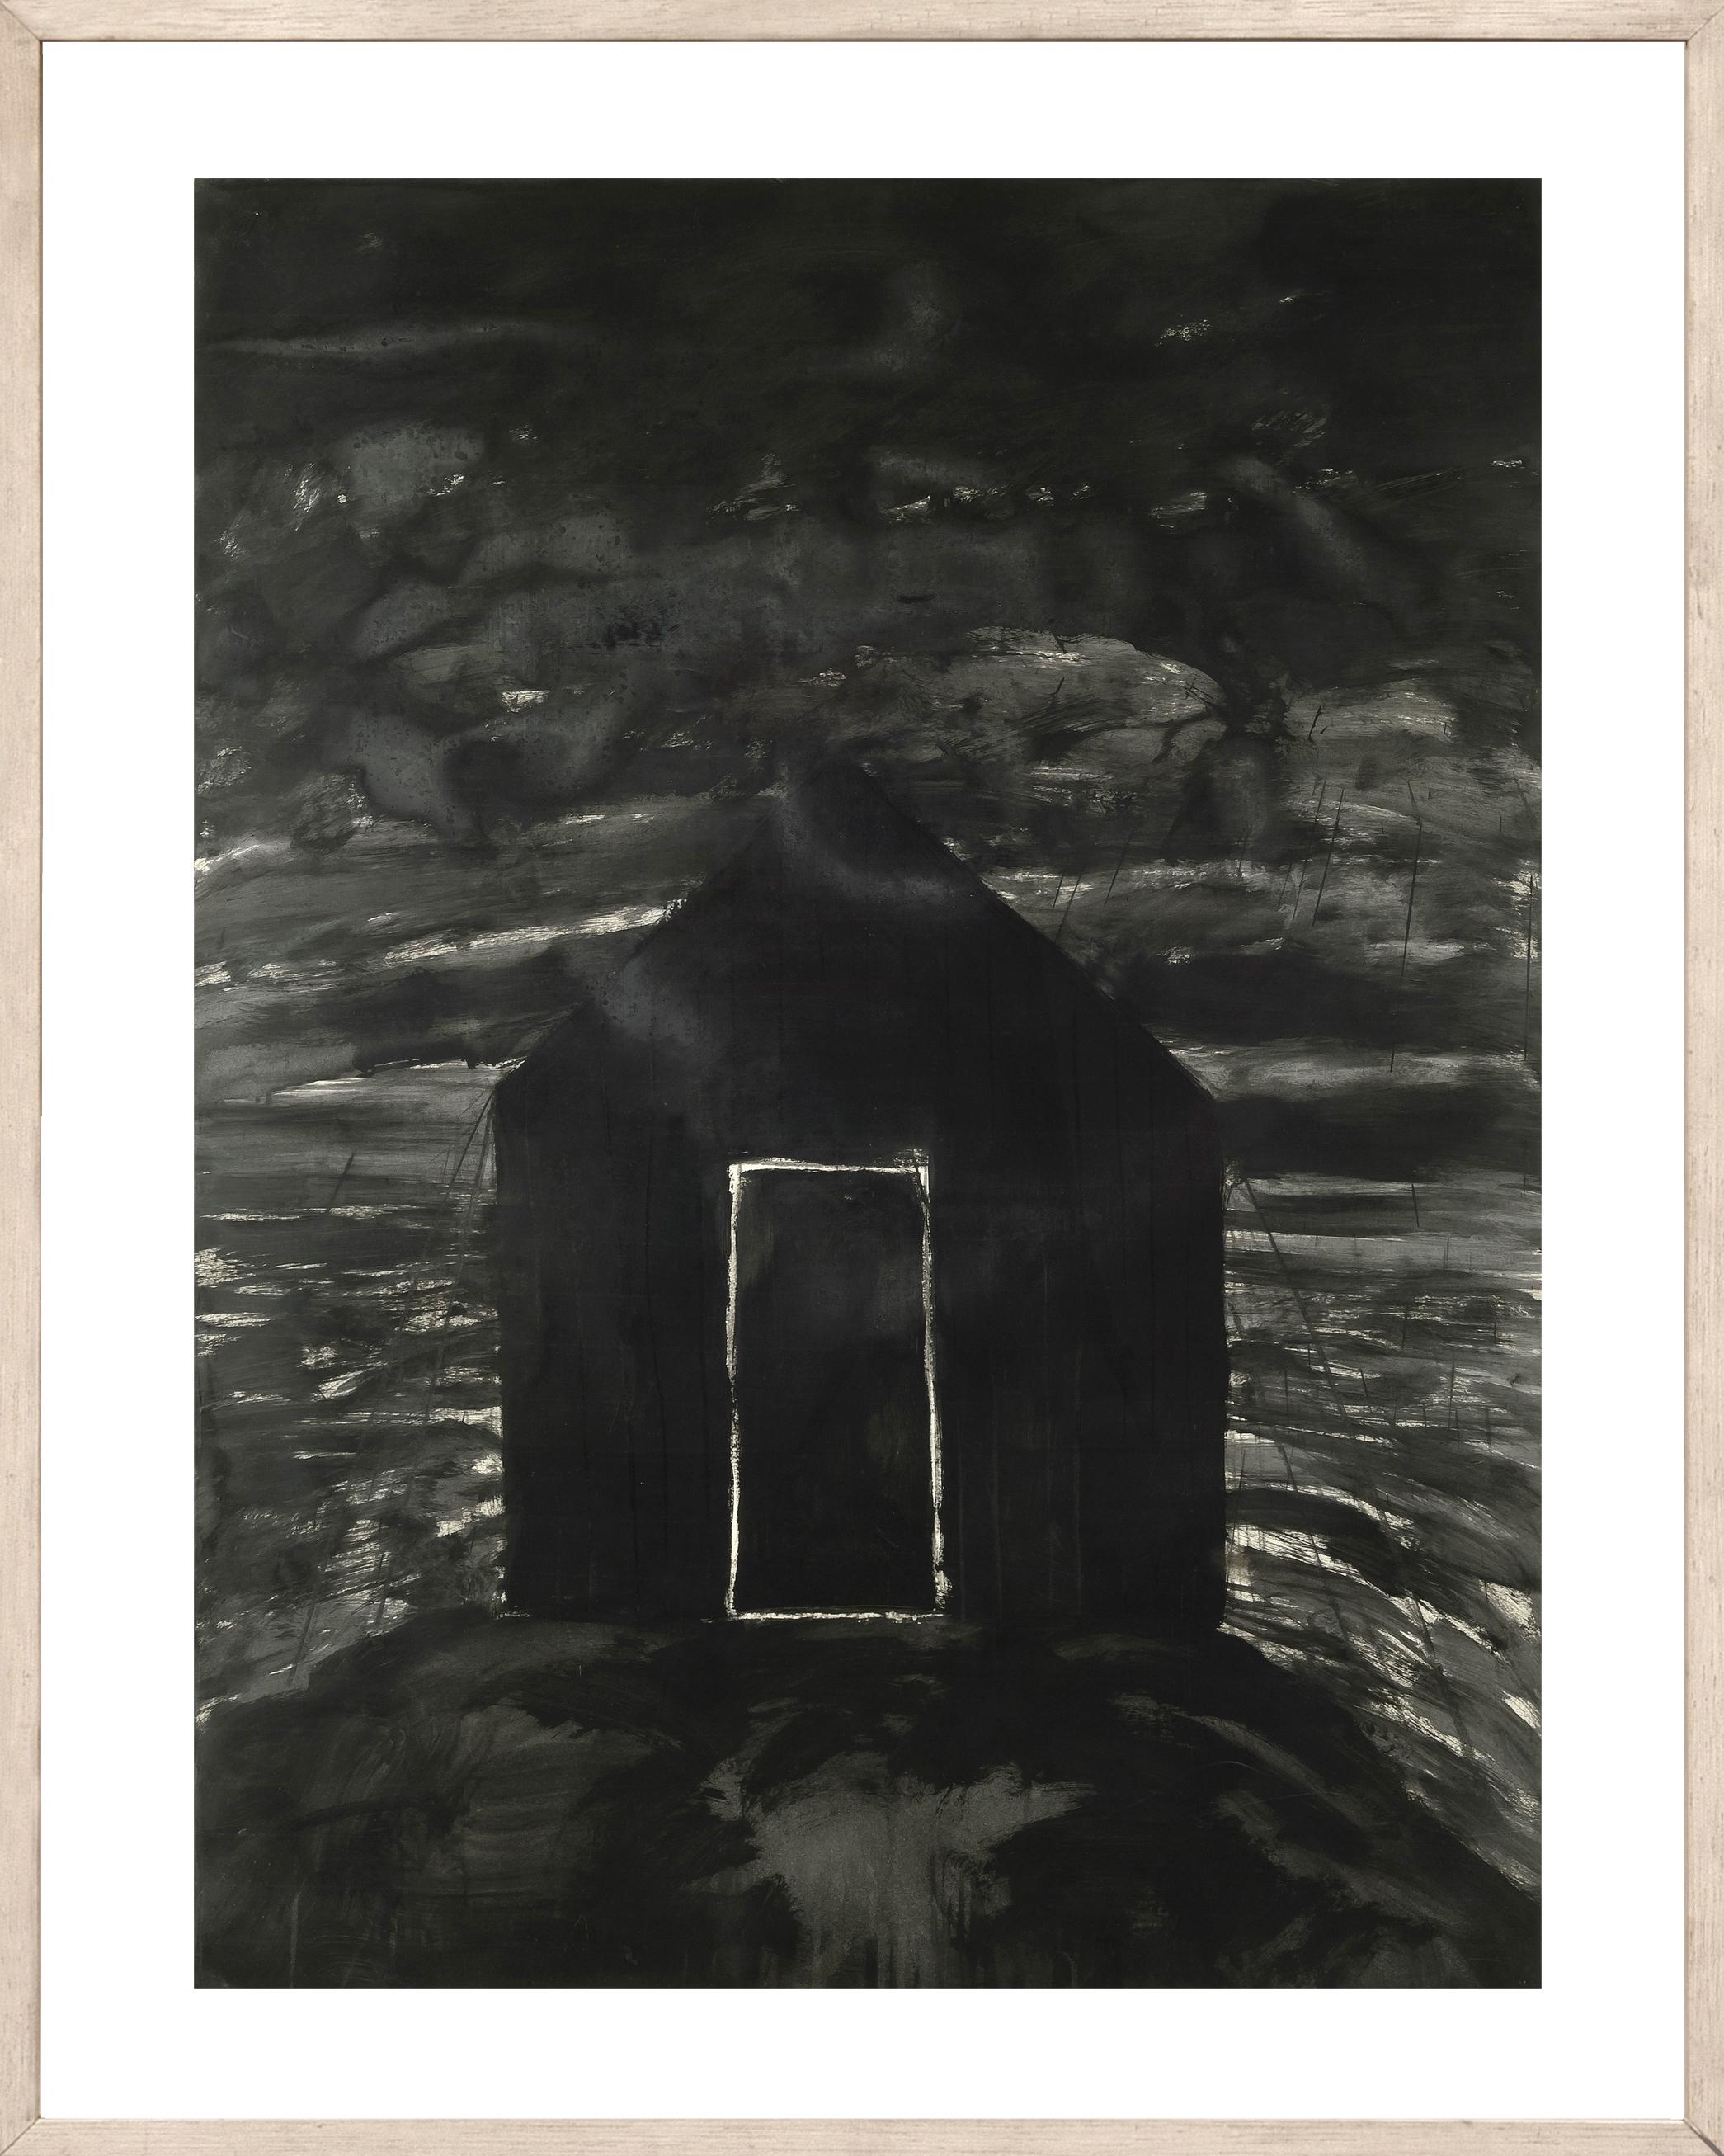 Antony Gormley - The Hut 2/3